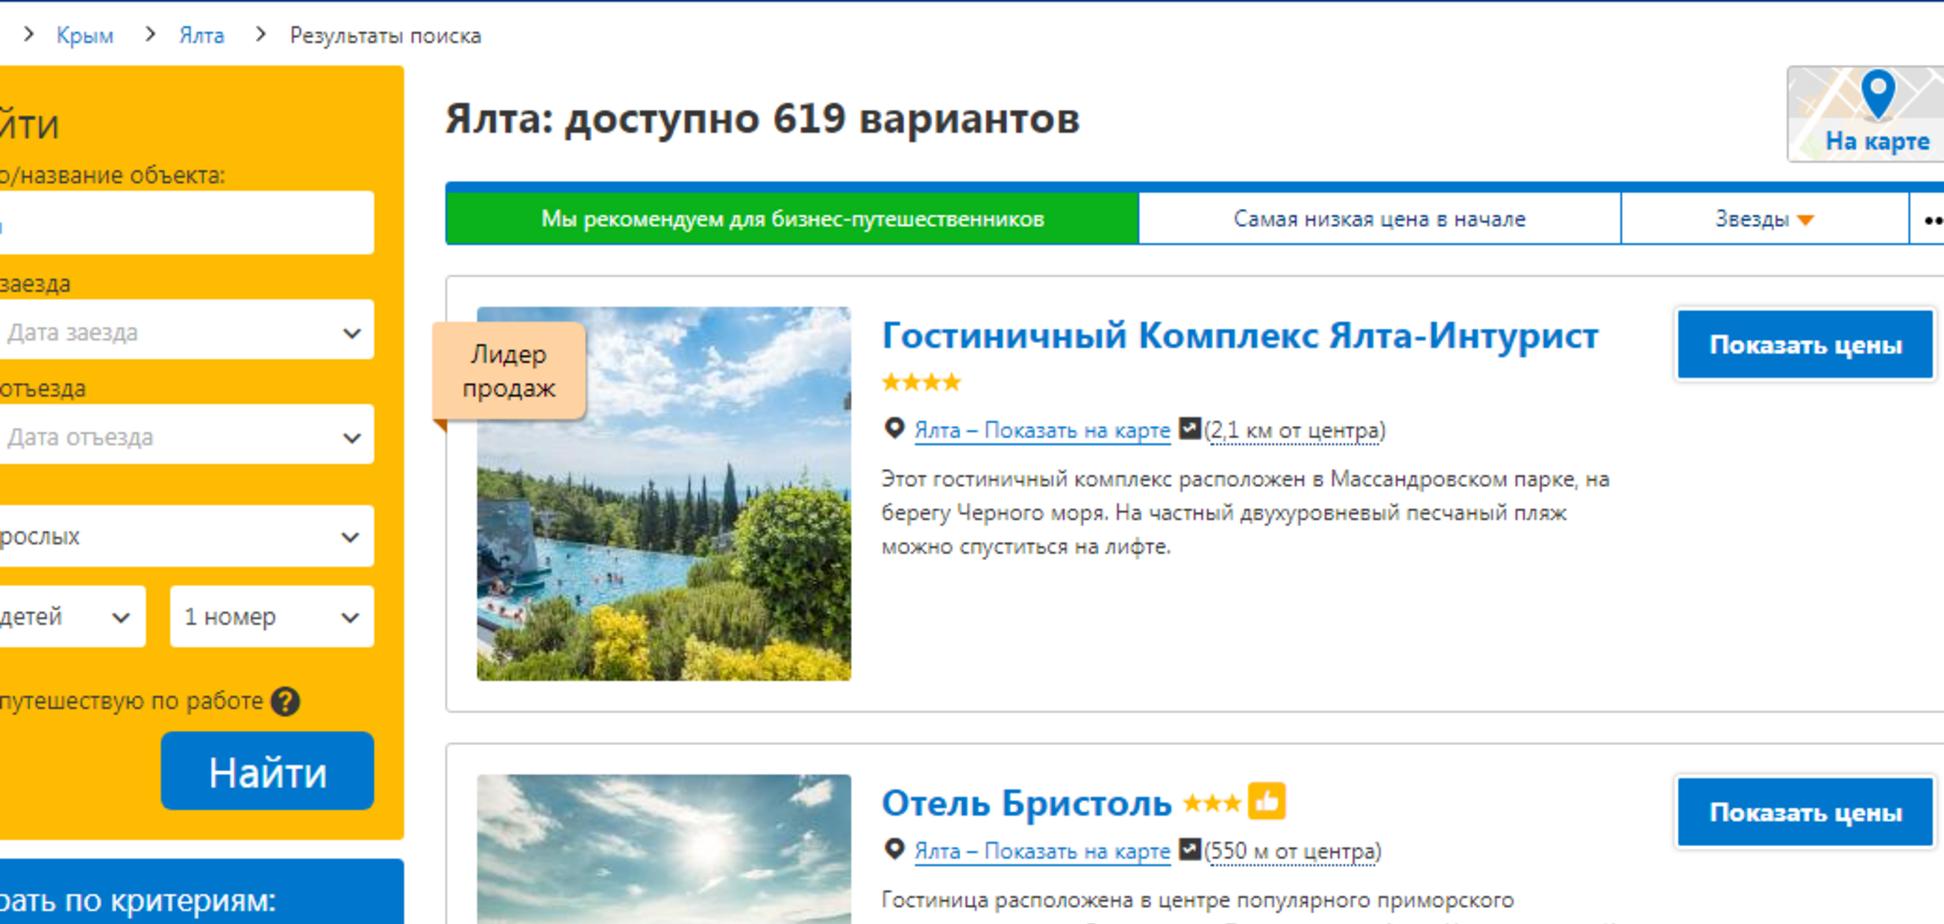 Зобронировать жилье в Крыму через Booking не проблема, ведь деньги не пахнут?